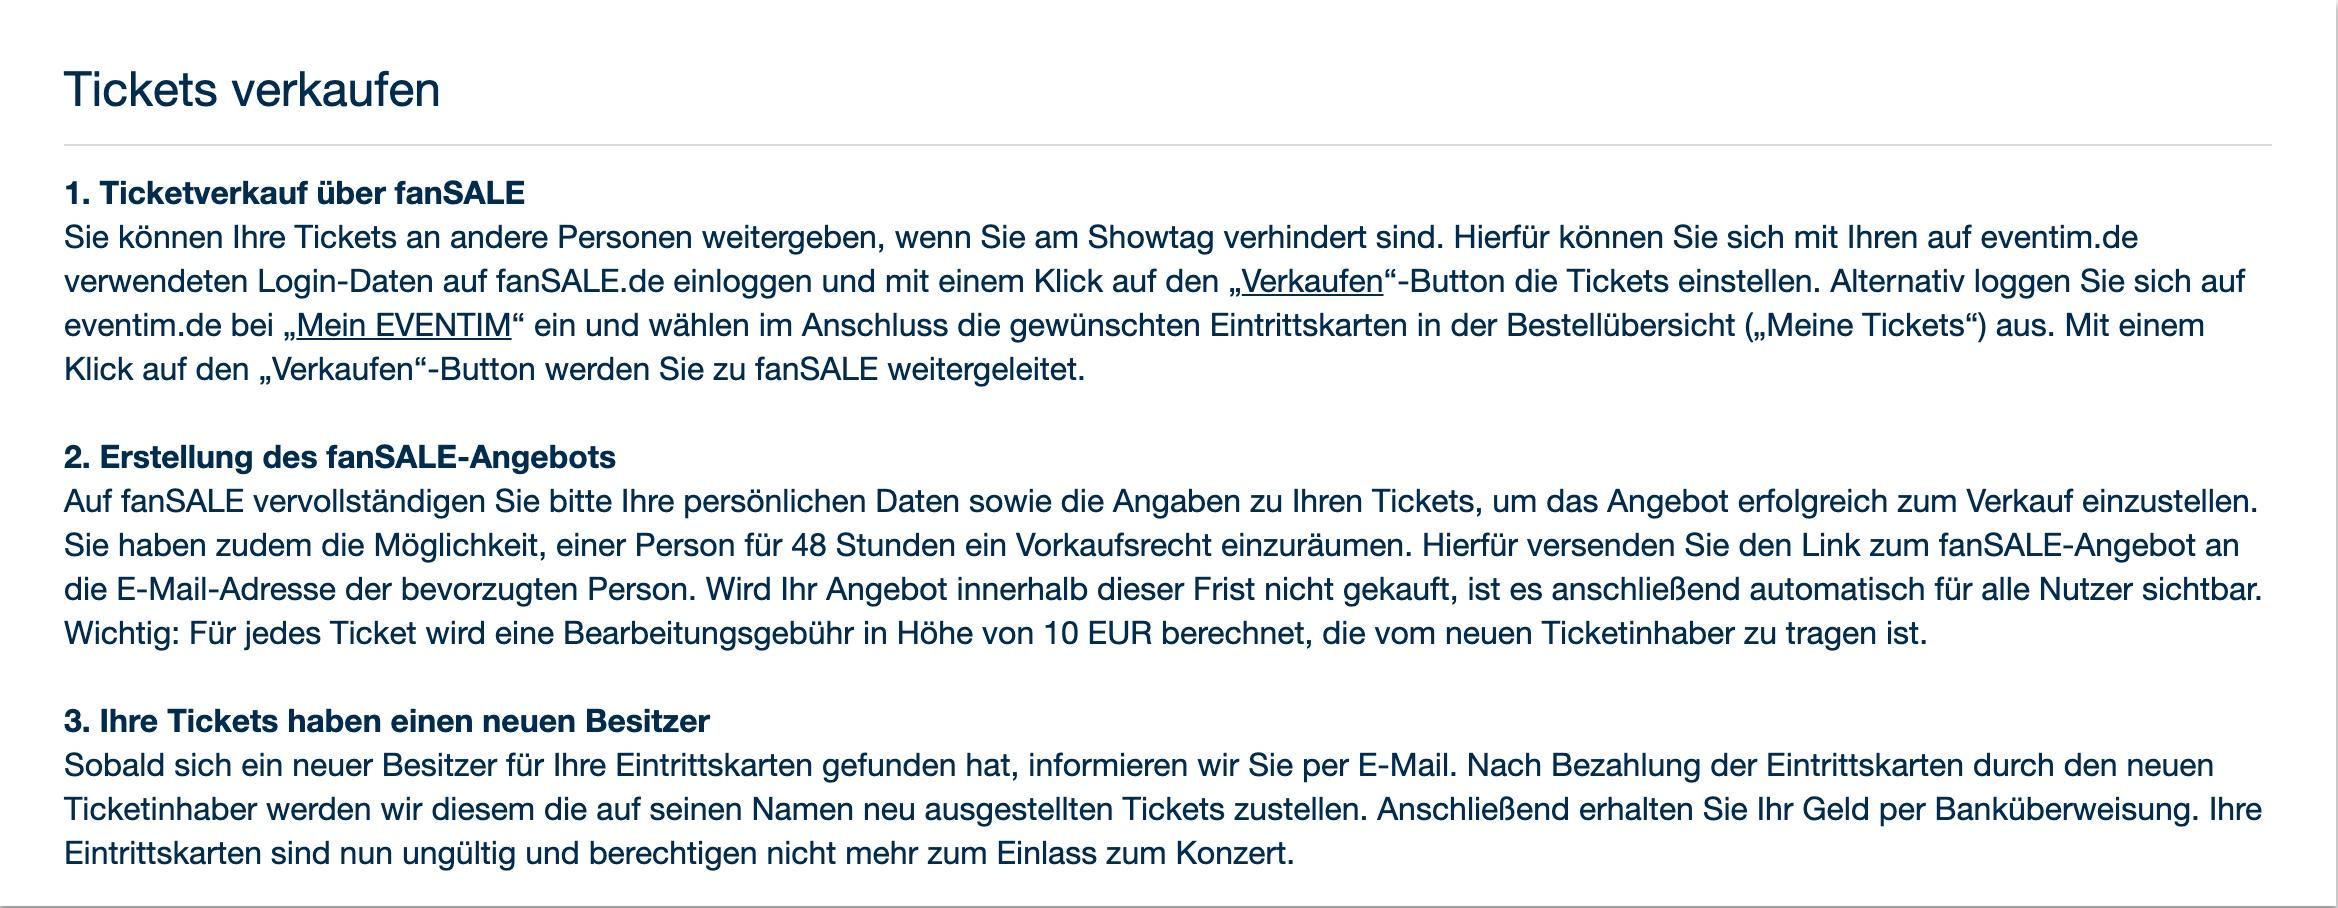 Tickets von Eventim im Fan-Sale verkaufen – so geht's